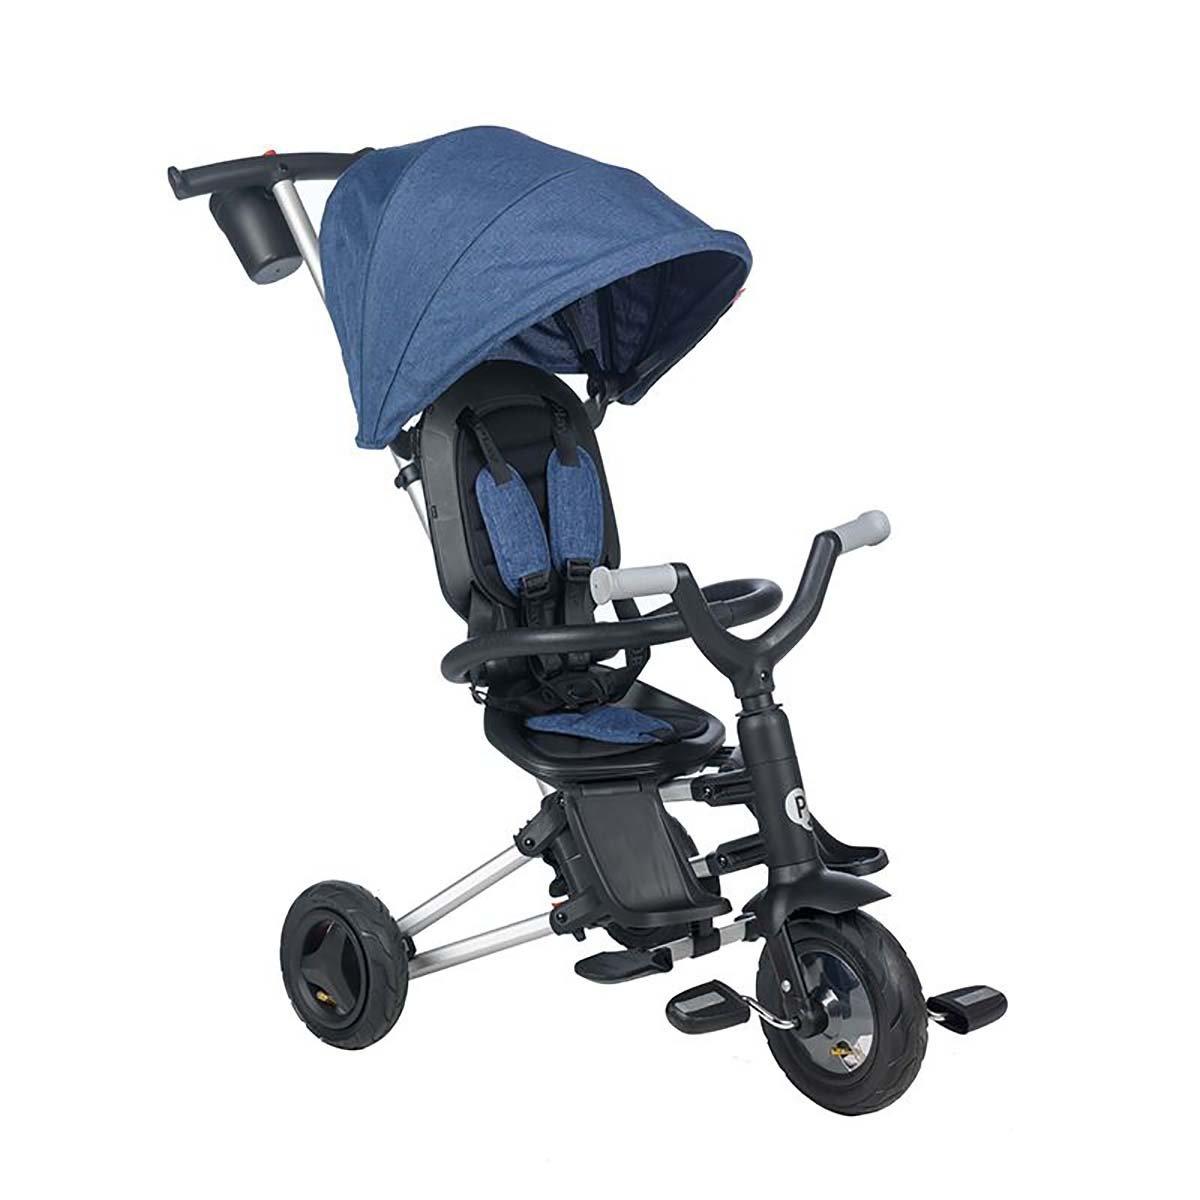 Tricicleta ultrapliabila Qplay Nova Air, Albastru imagine